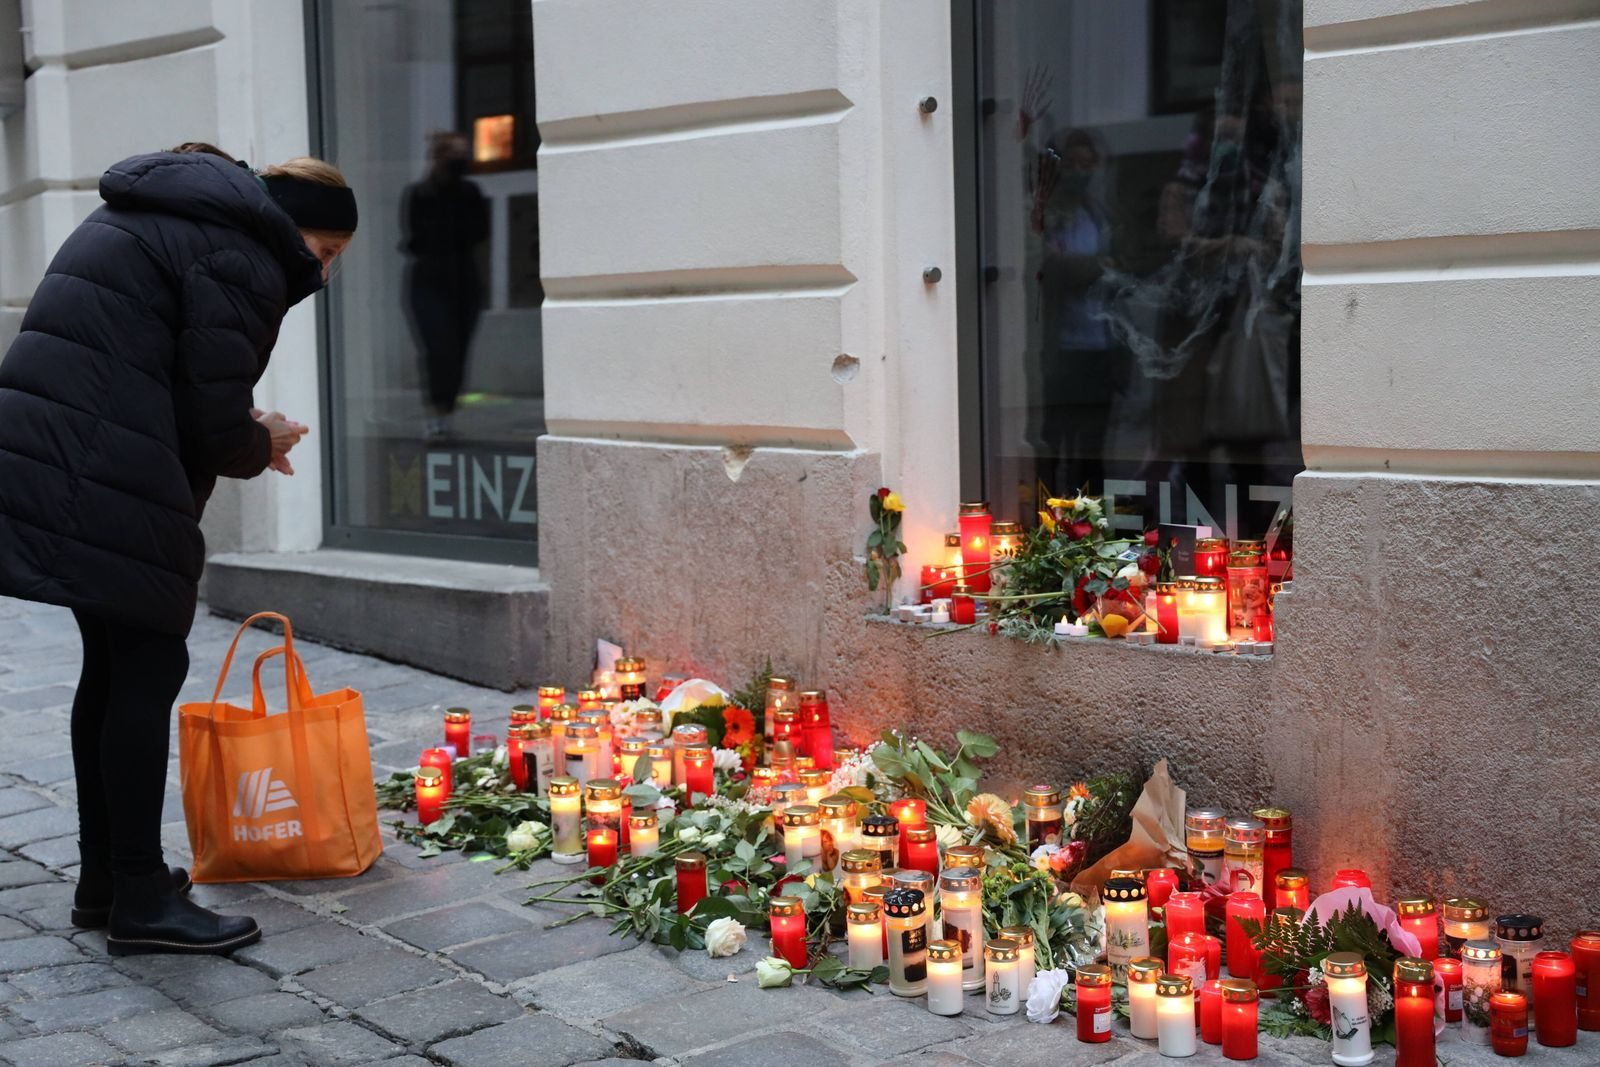 Terroranschlag in Wien Wien, Bermuda Dreieck, 04. 11. 2020 Spuren des Terrors - Menschen gedenken der Opfer und zünden K